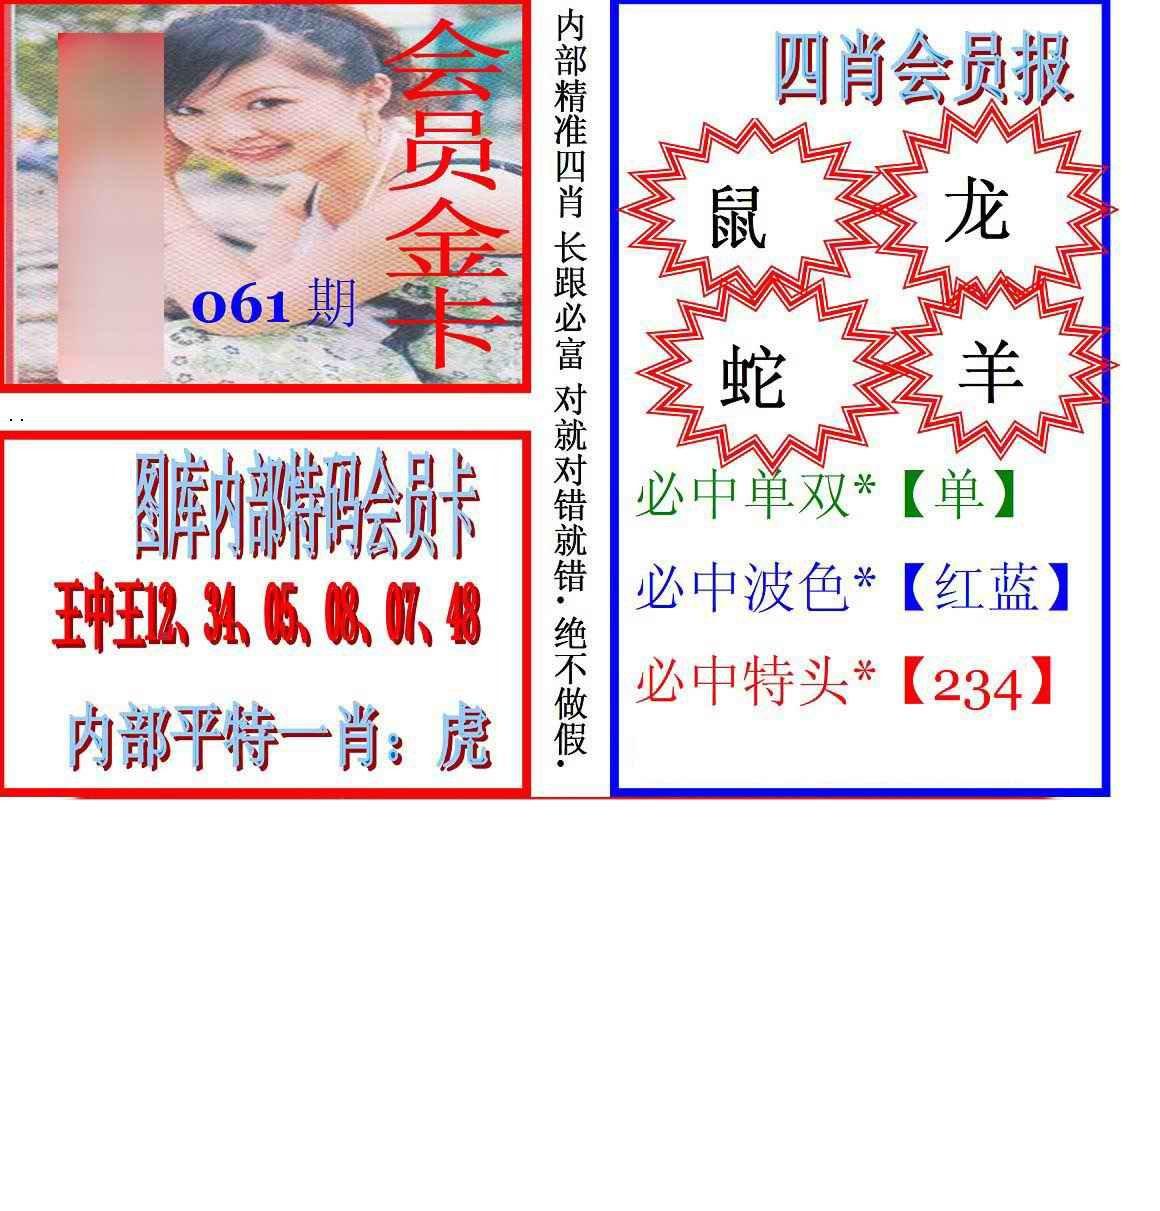 061期马经四肖会员报(新图)